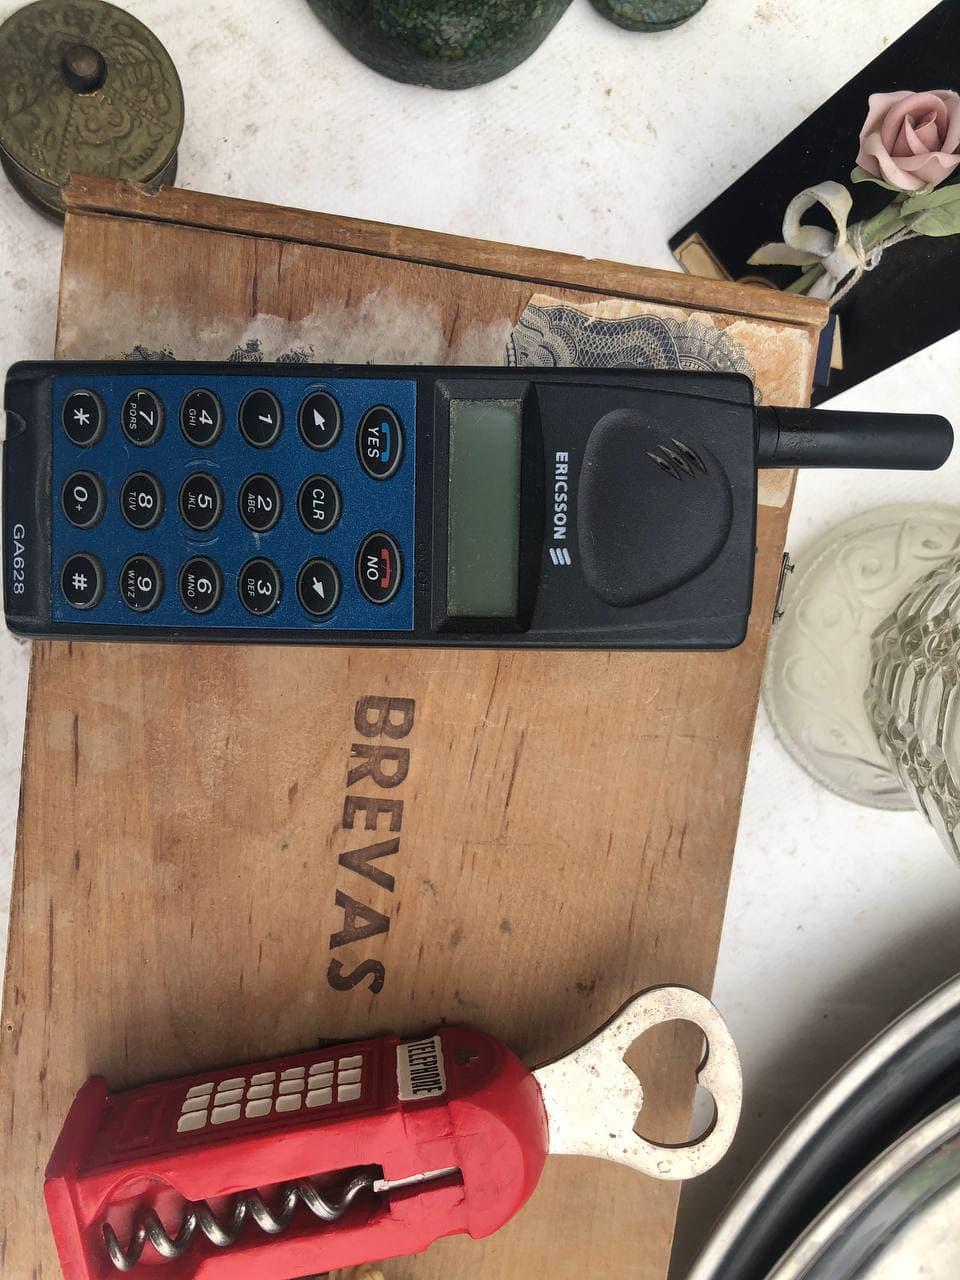 Испанская барахолка: камеры, старые сотовые телефоны и очень старые ноутбуки